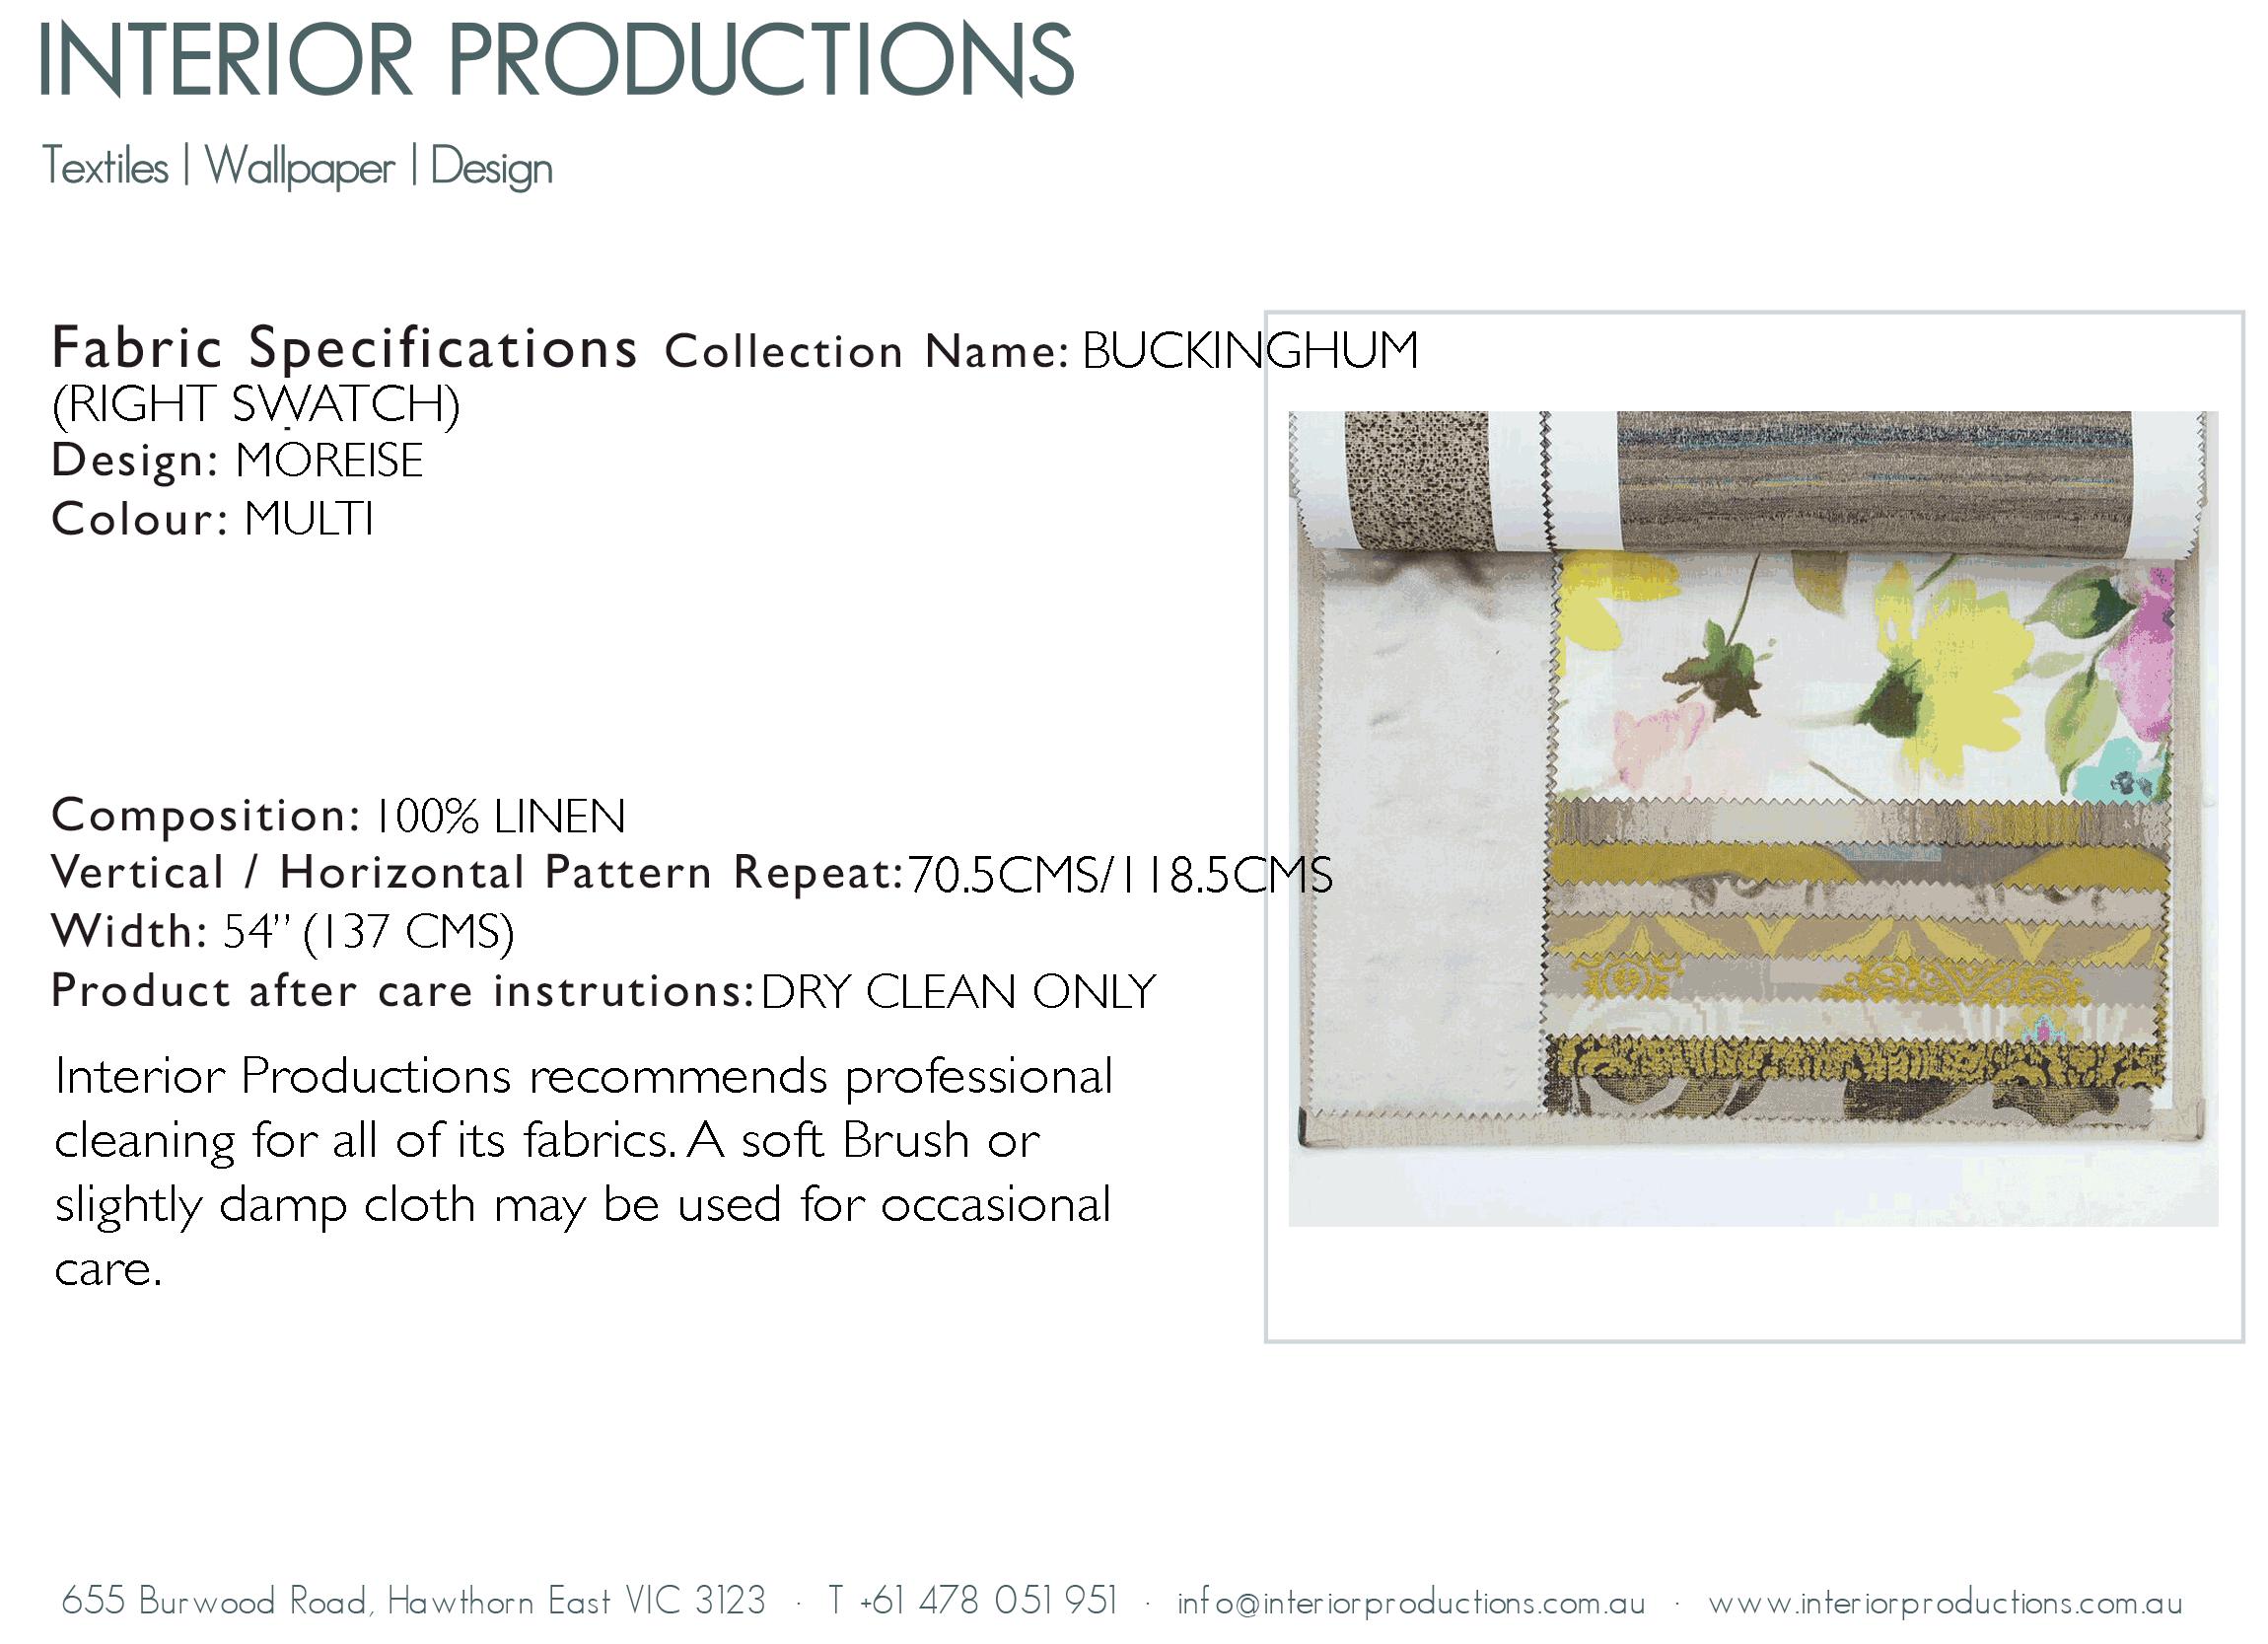 interior_productions_MOREISE---MULTI